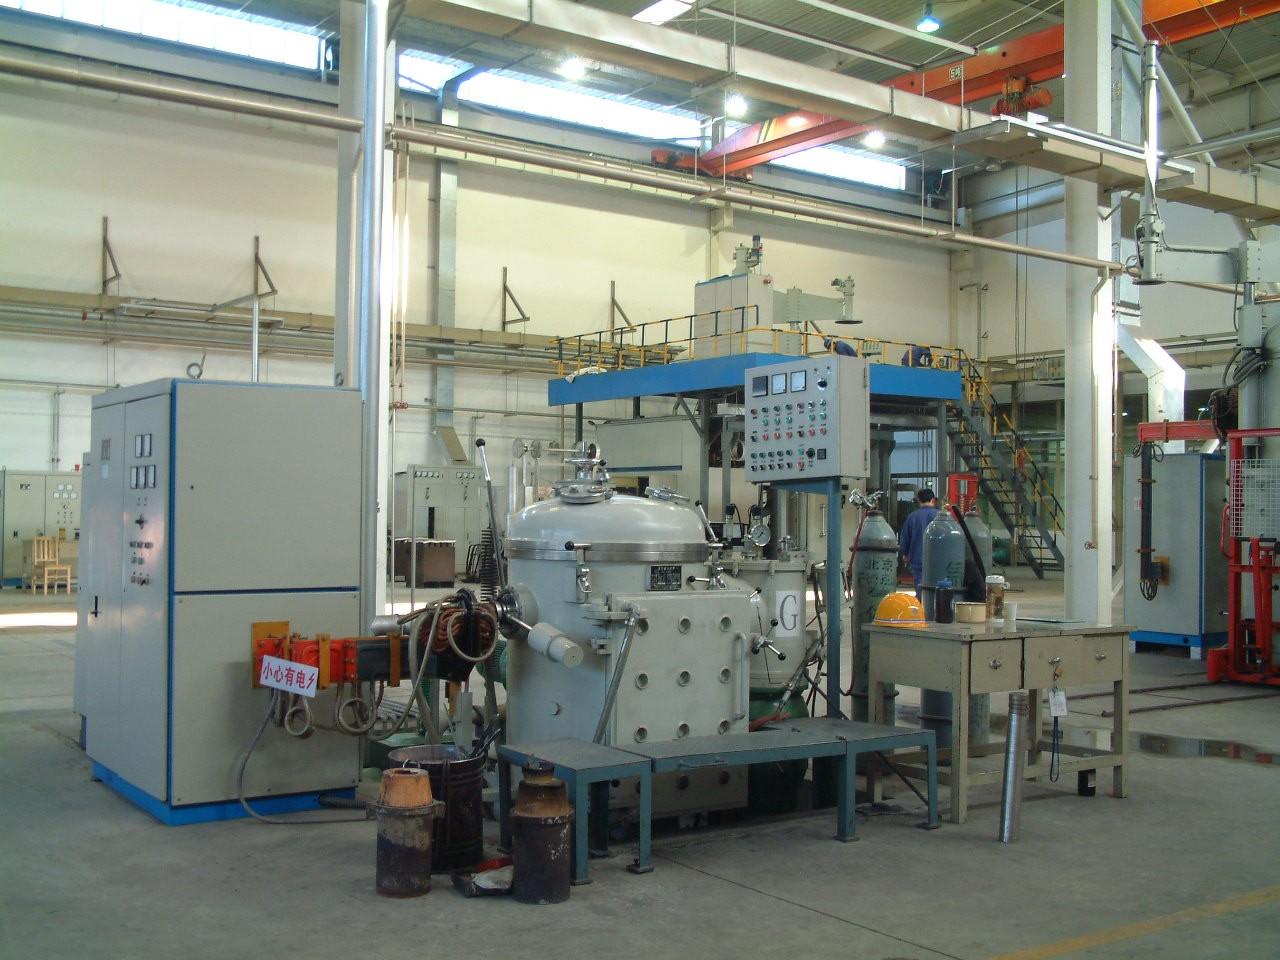 50kg Vacuum Induction Melting Furnace Manufacturers, 50kg Vacuum Induction Melting Furnace Factory, Supply 50kg Vacuum Induction Melting Furnace